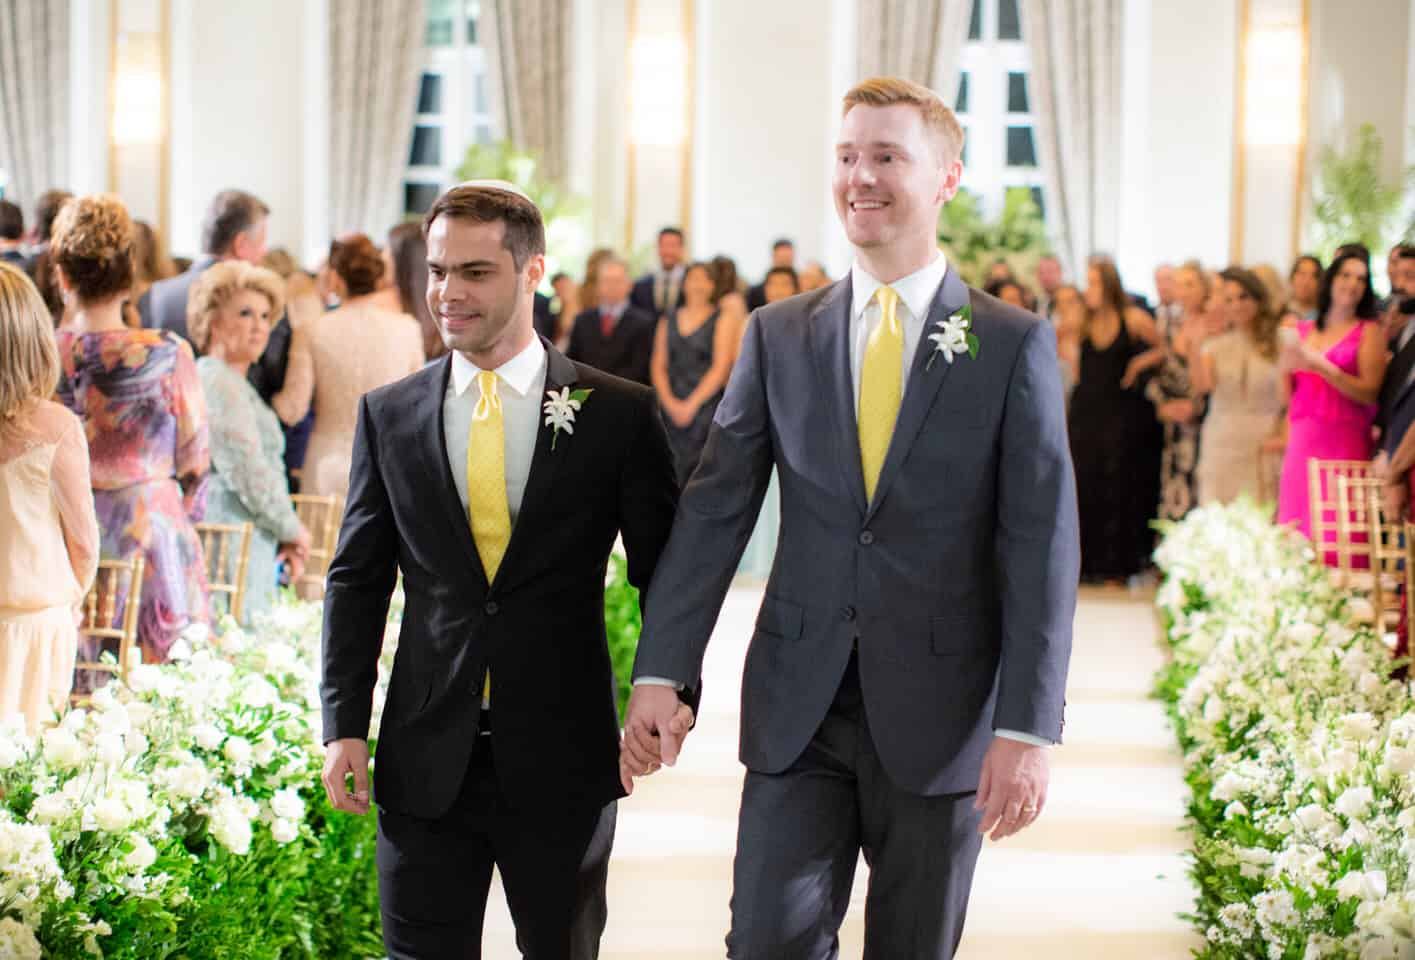 casamento-clássico-casamento-tradicional-casamento-fabiane-e-gustavo-copacabana-palace-rio-de-janeiro-Fotografa-Rodrigo-Sack-16